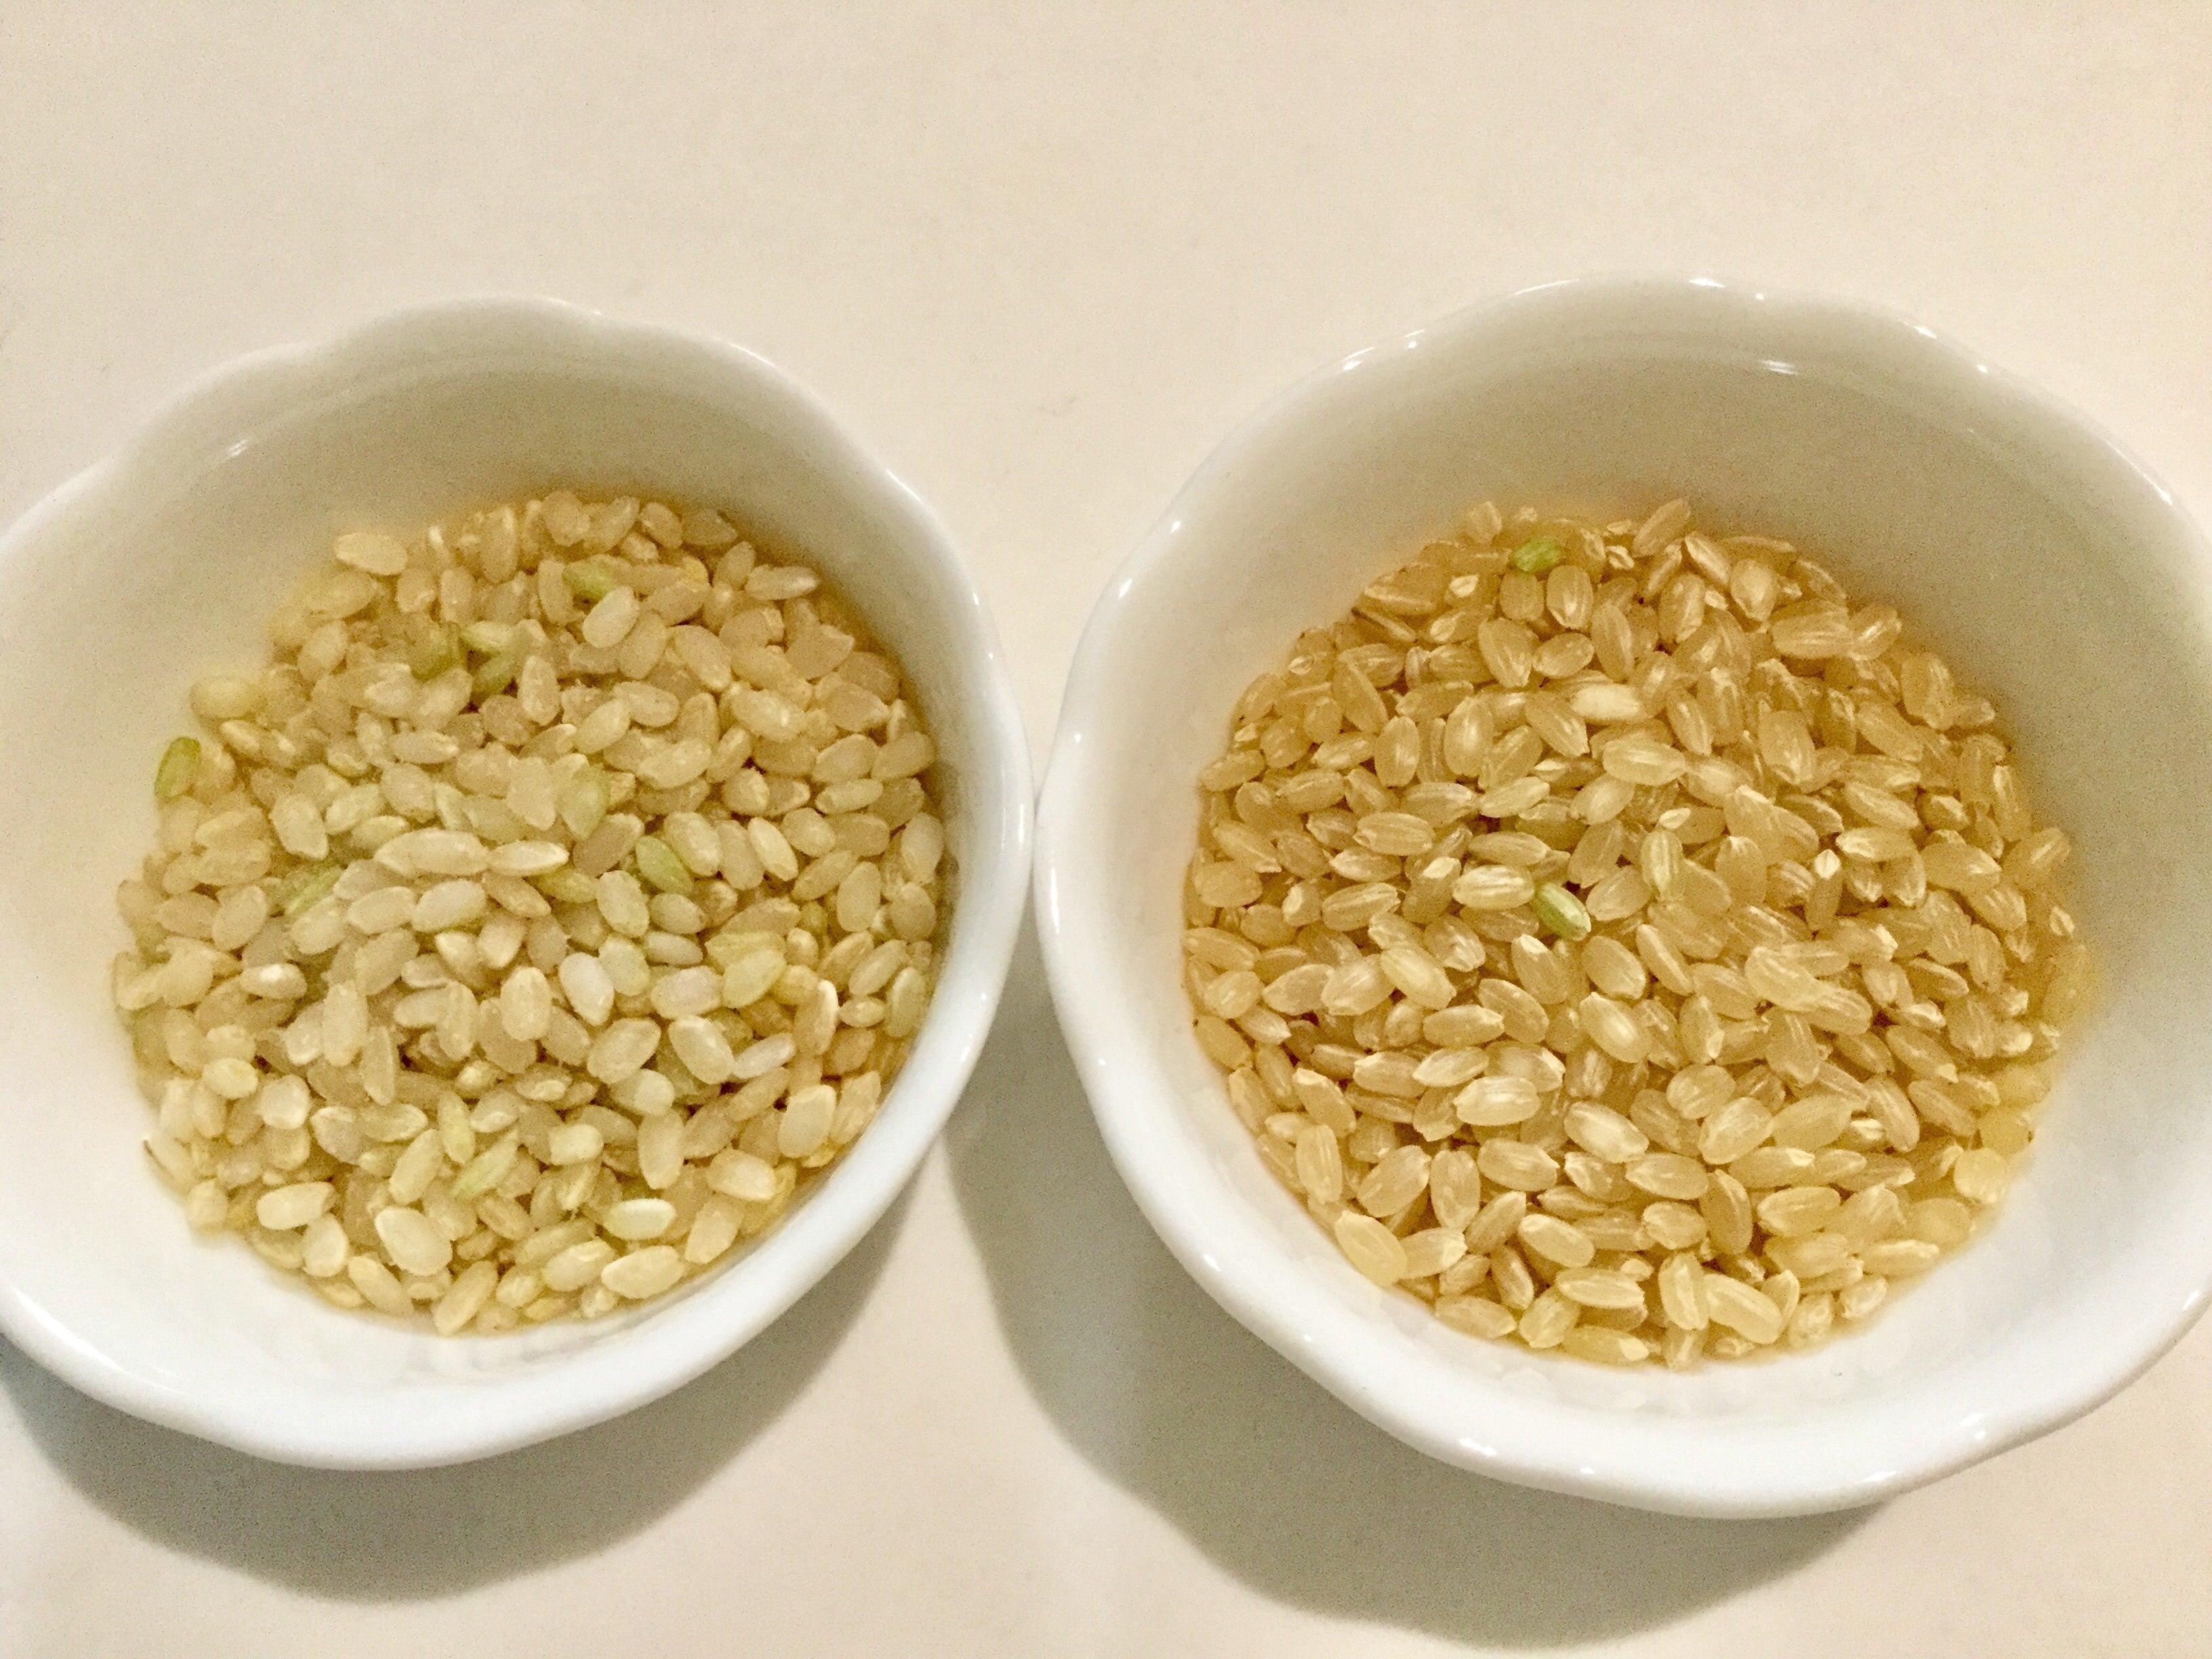 玄米と胚芽米の違いは何ですか?